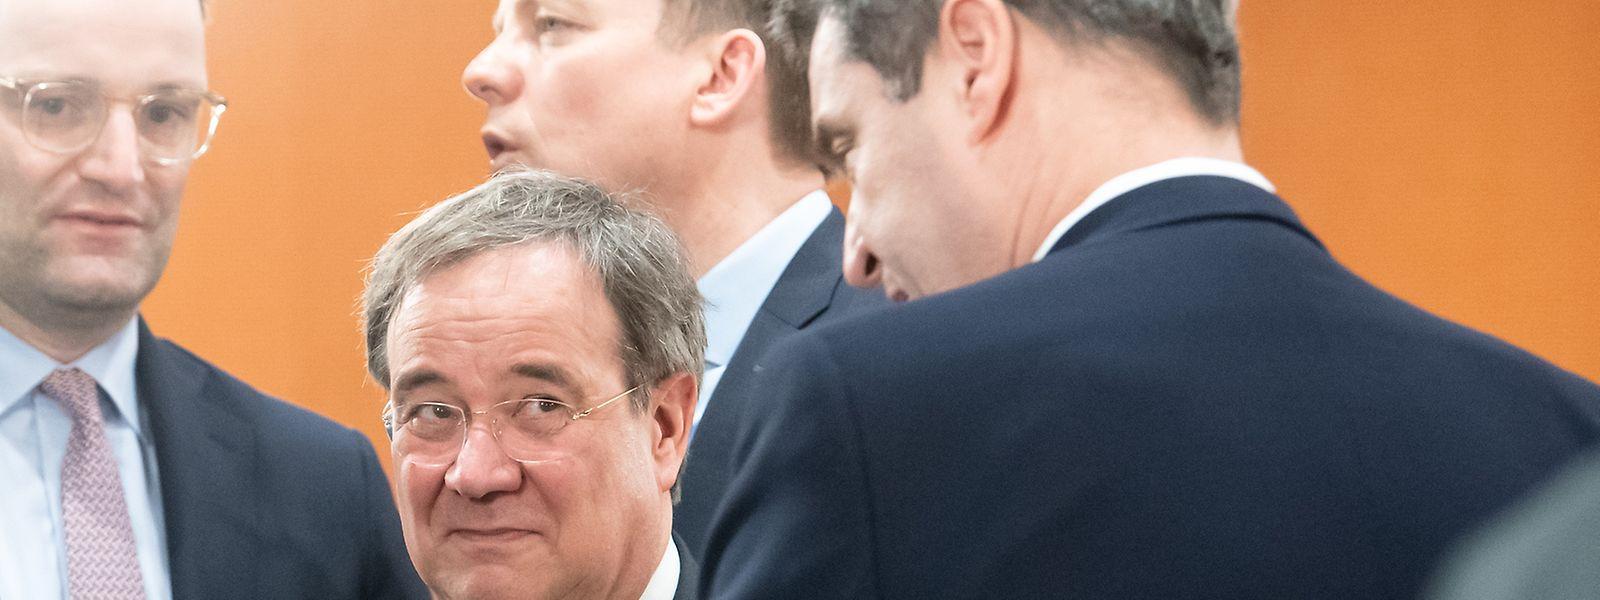 Der bayrische Ministerpräsident Markus Söder nutzt die Corona-Krise geschickt zur Eigenprofilierung - misstrauisch beäugt von Armin Laschet, der den CDU-Vorsitz anstrebt.